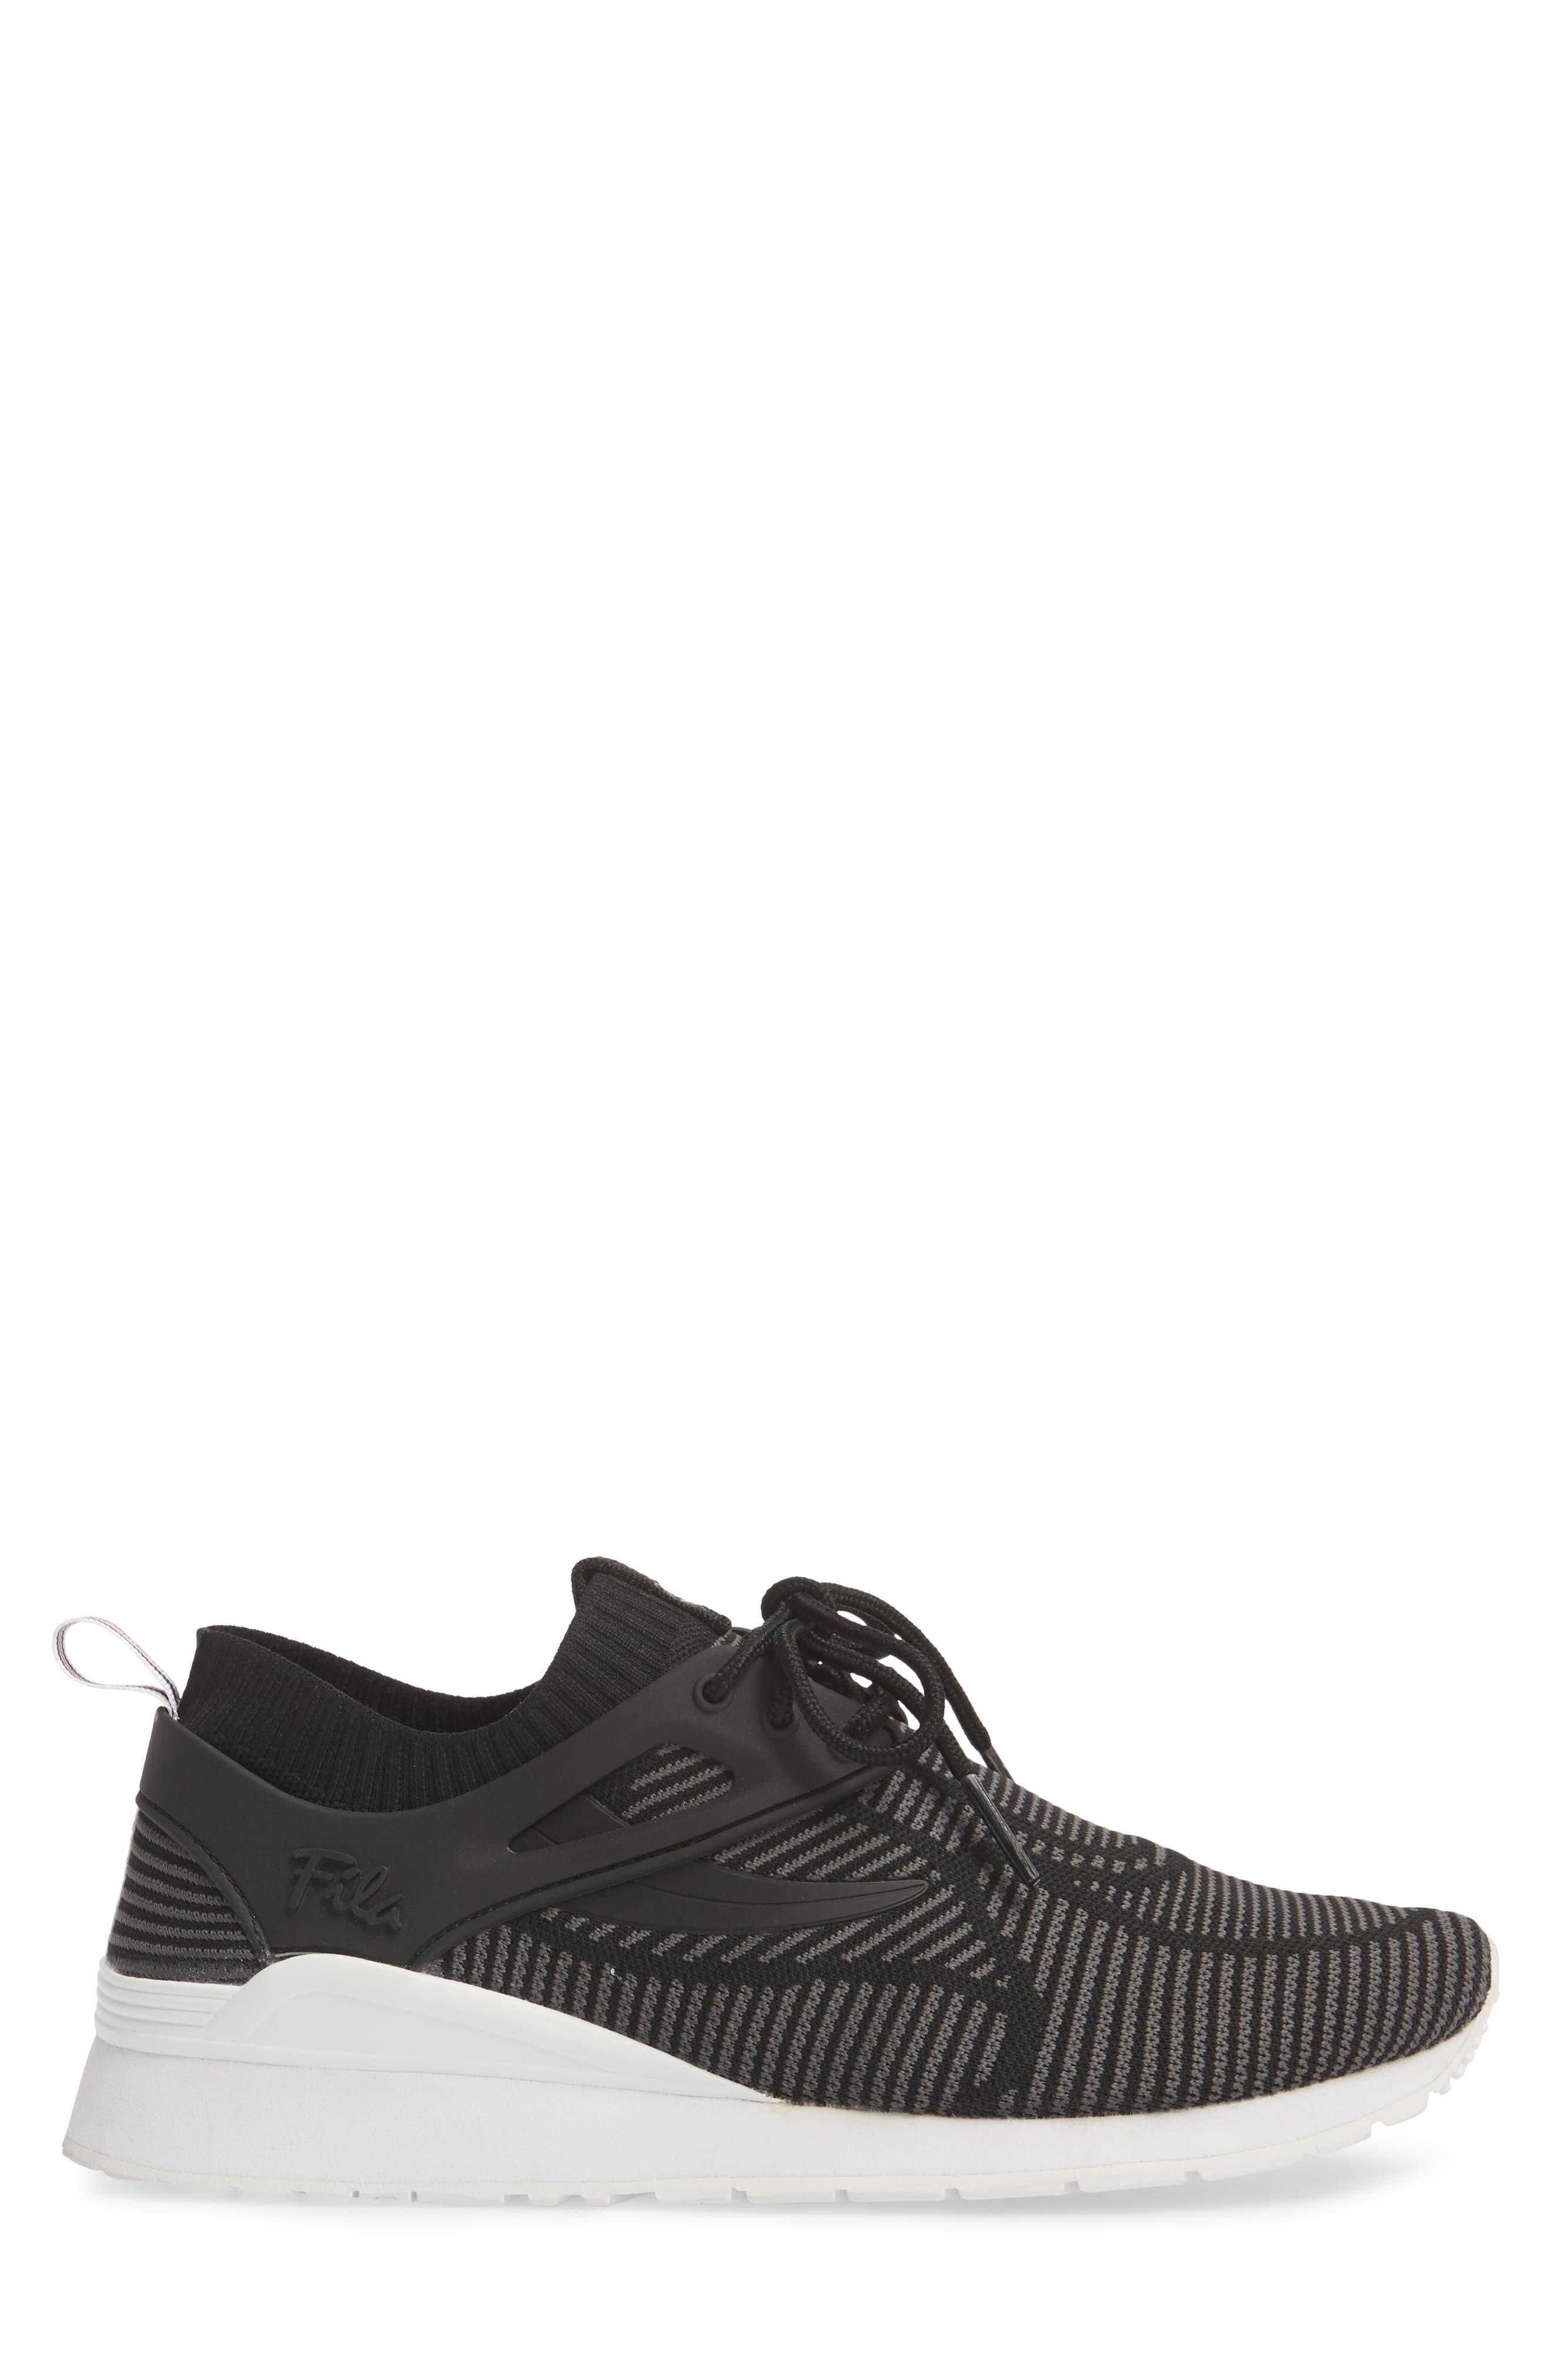 Overpass 2.0 Knit Sneaker,                             Alternate thumbnail 3, color,                             BLACK/ WHITE